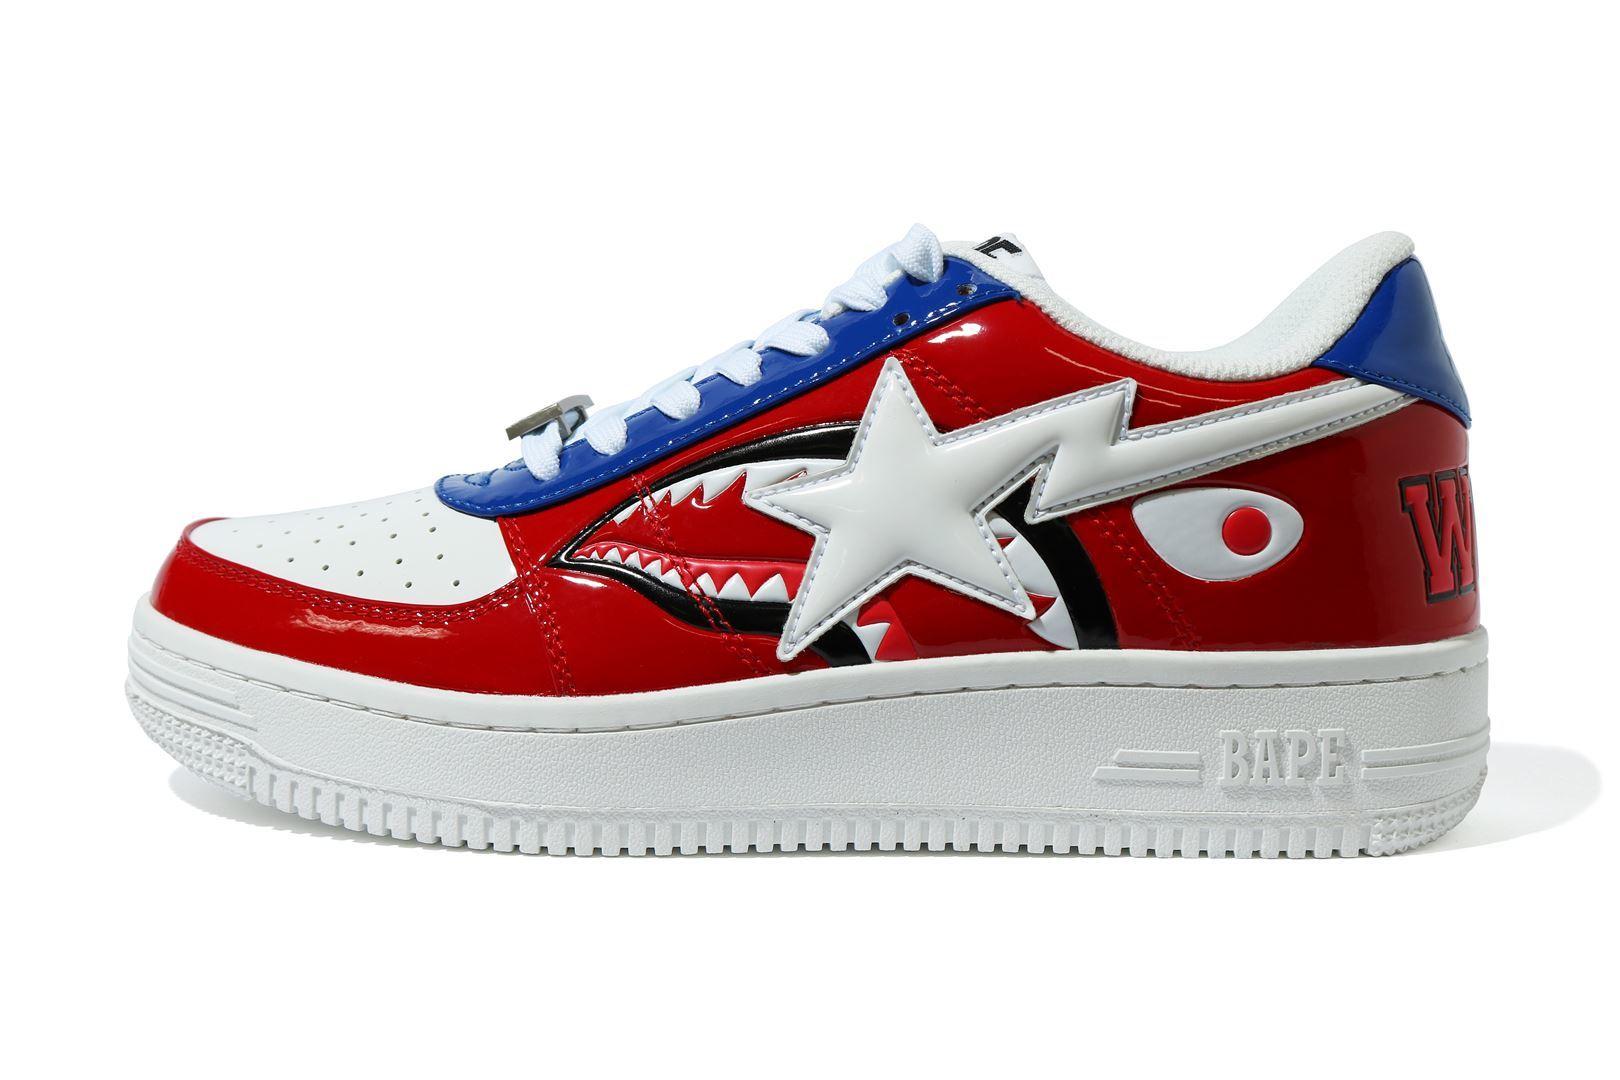 SHARK BAPE STA™ LOW_a0174495_18474014.jpg